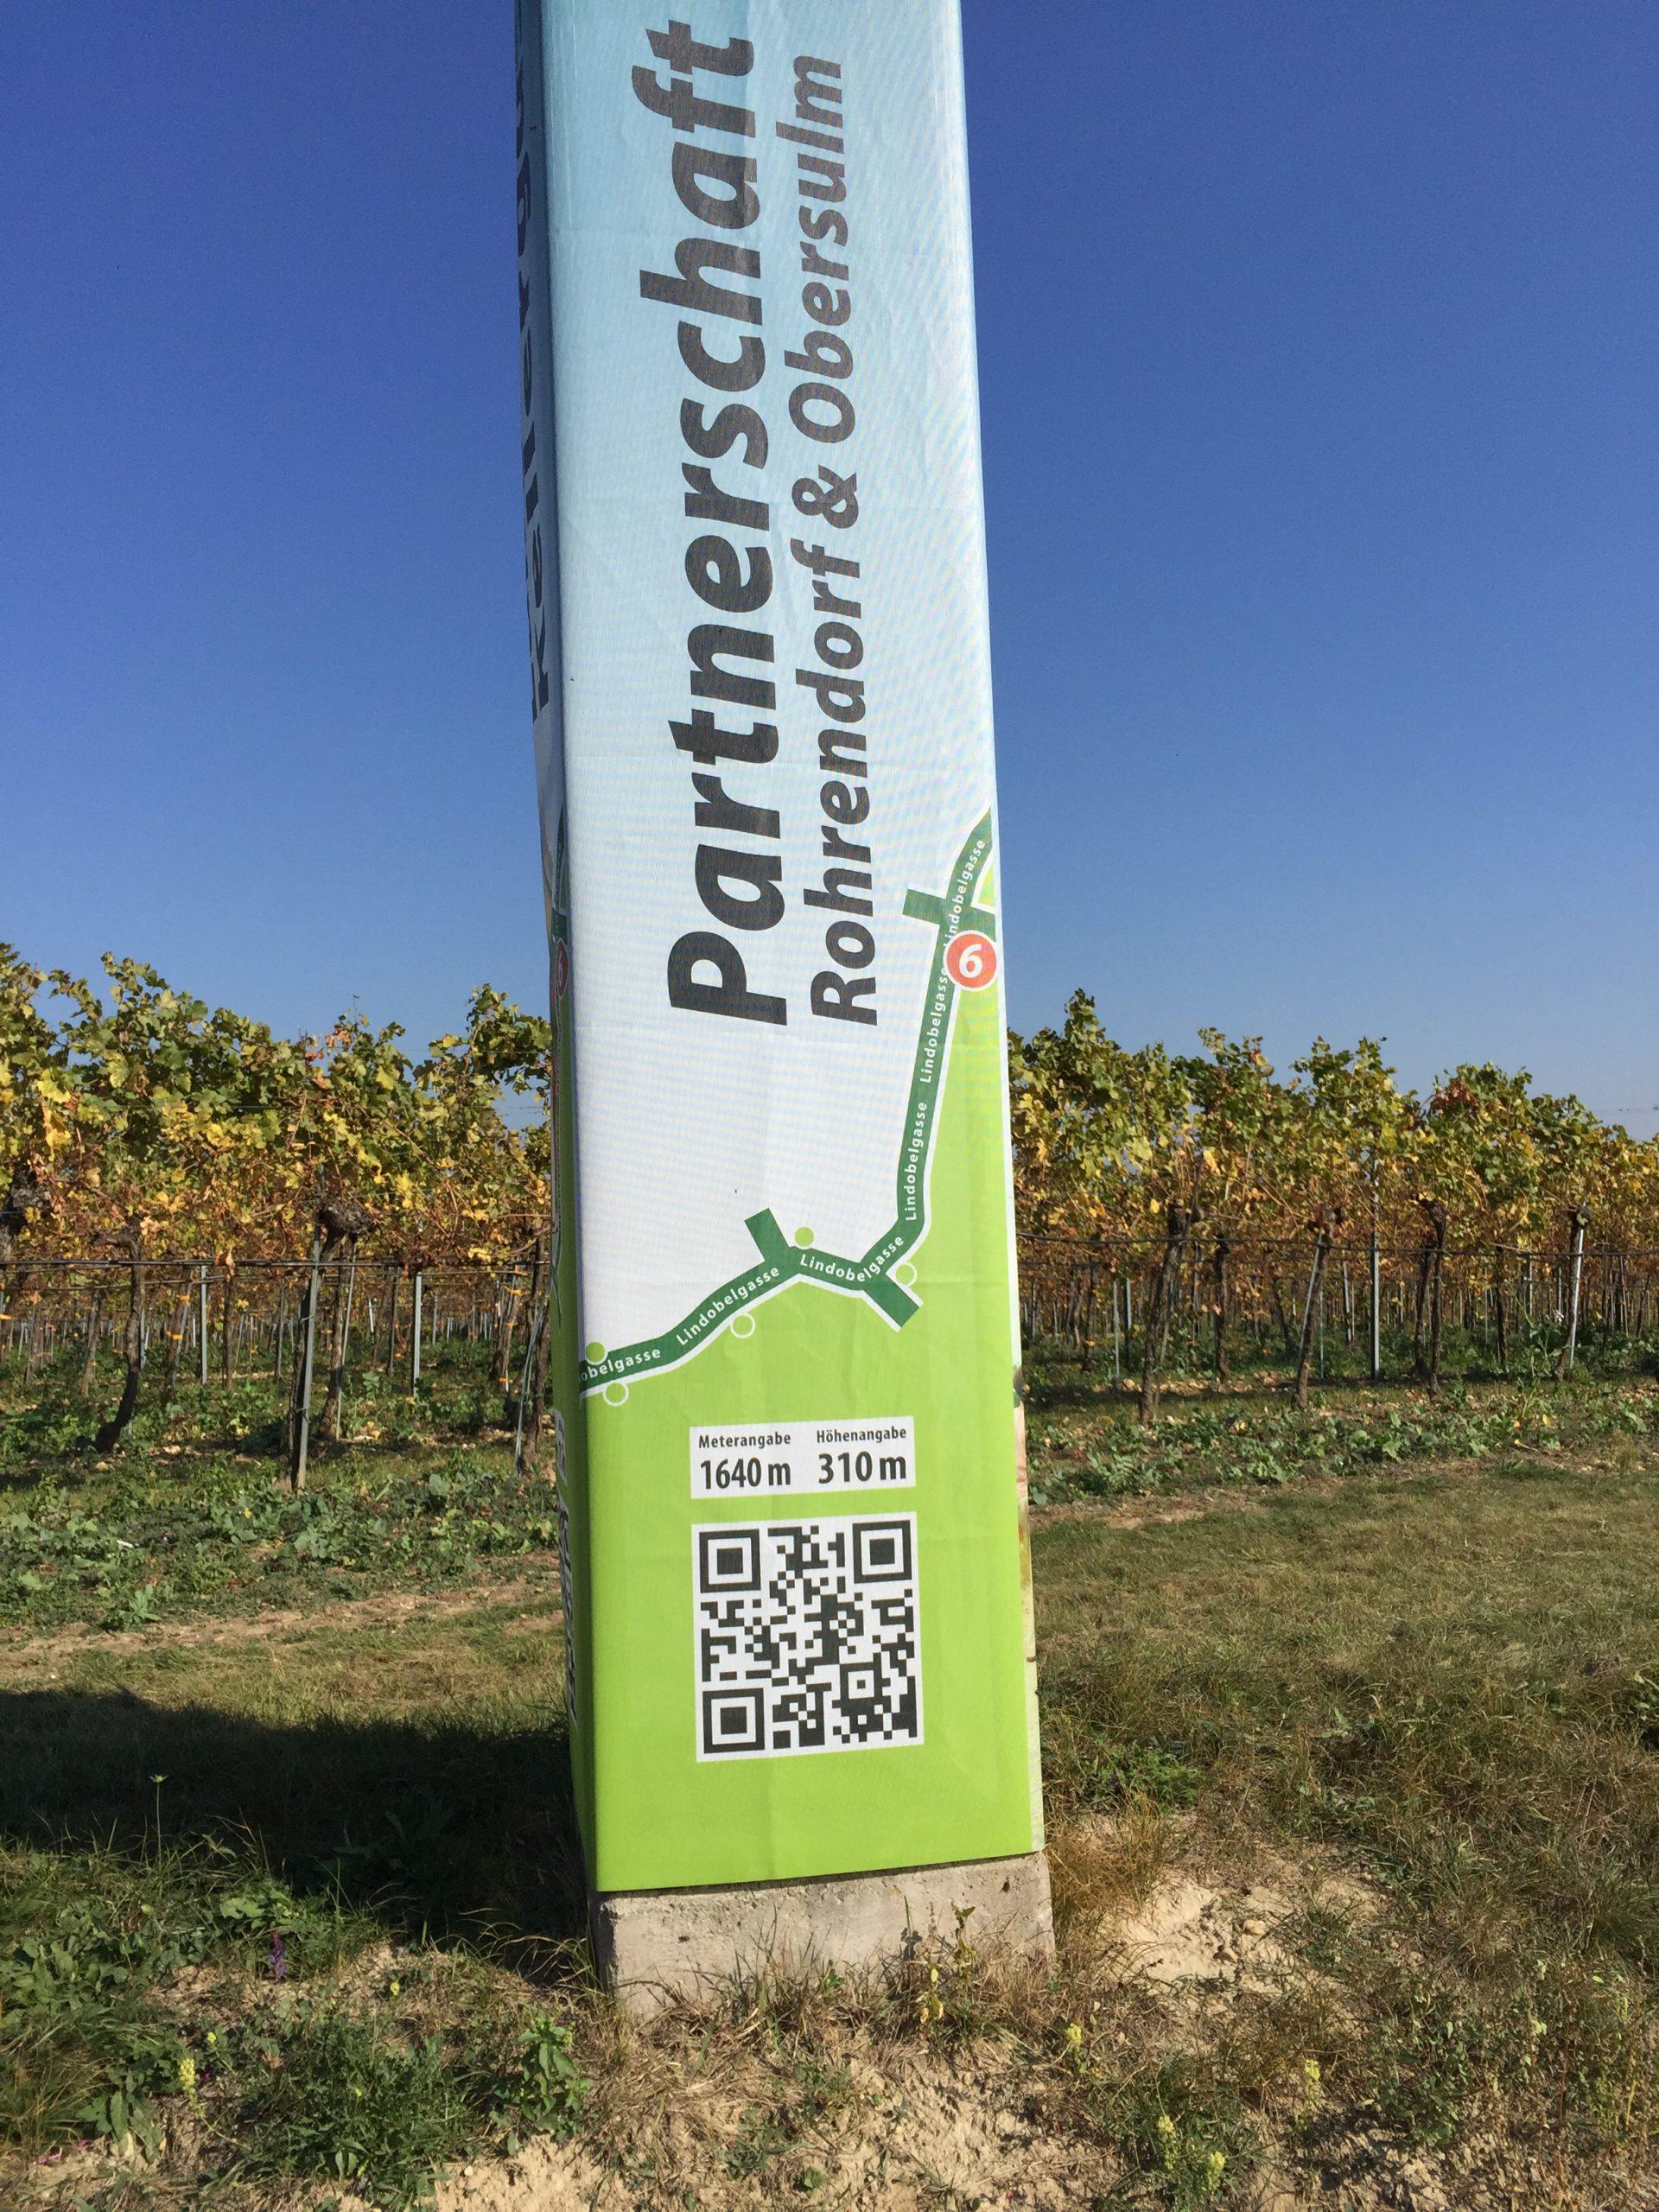 Weingut Mittelbach Rosshimmel vineyards